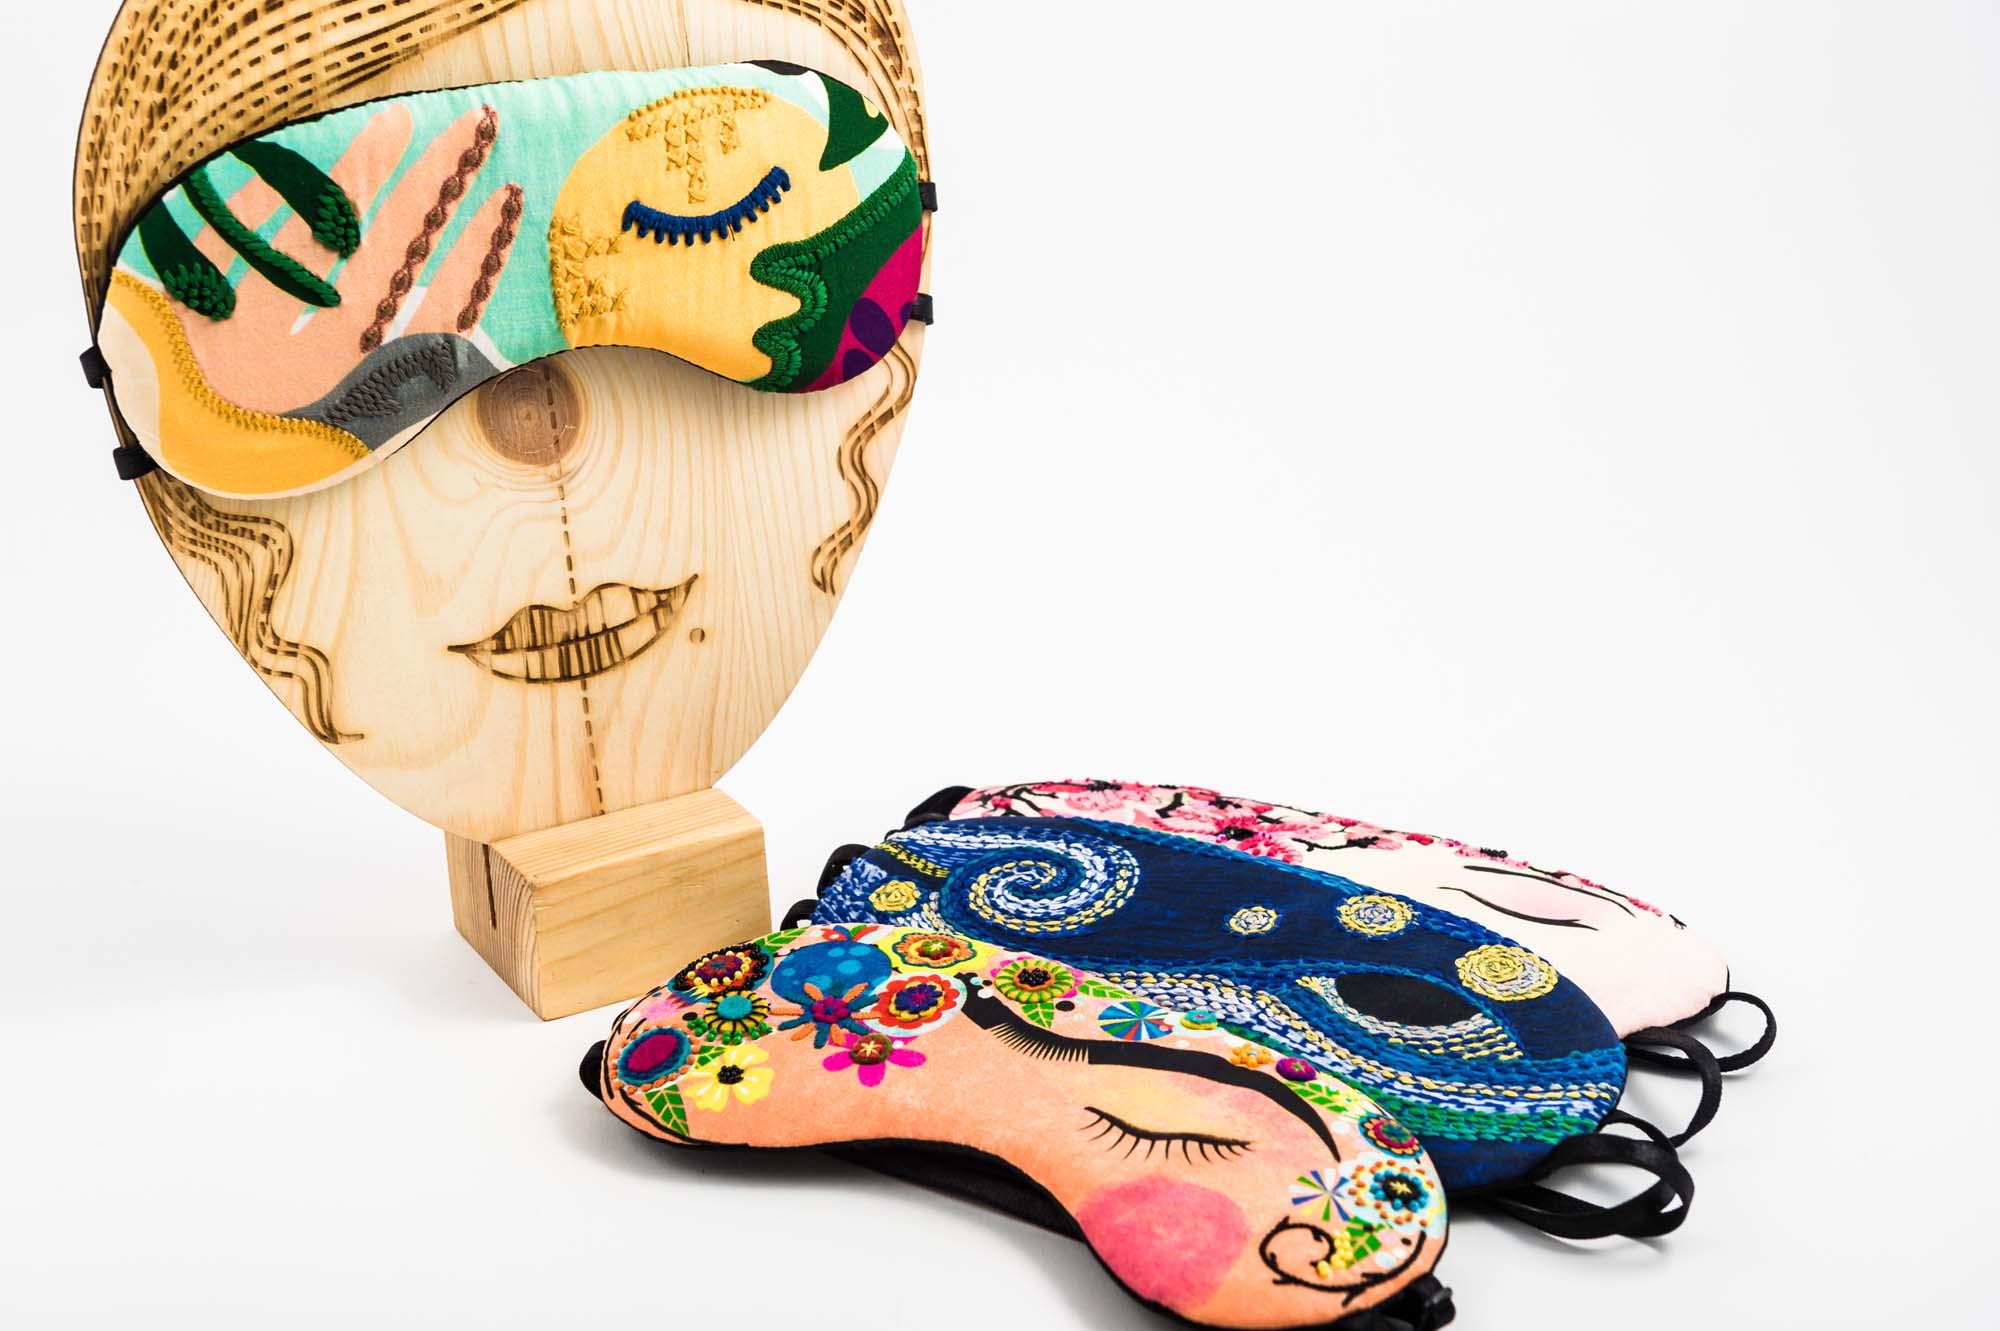 Embroidered Silk Artists Sleep Masks